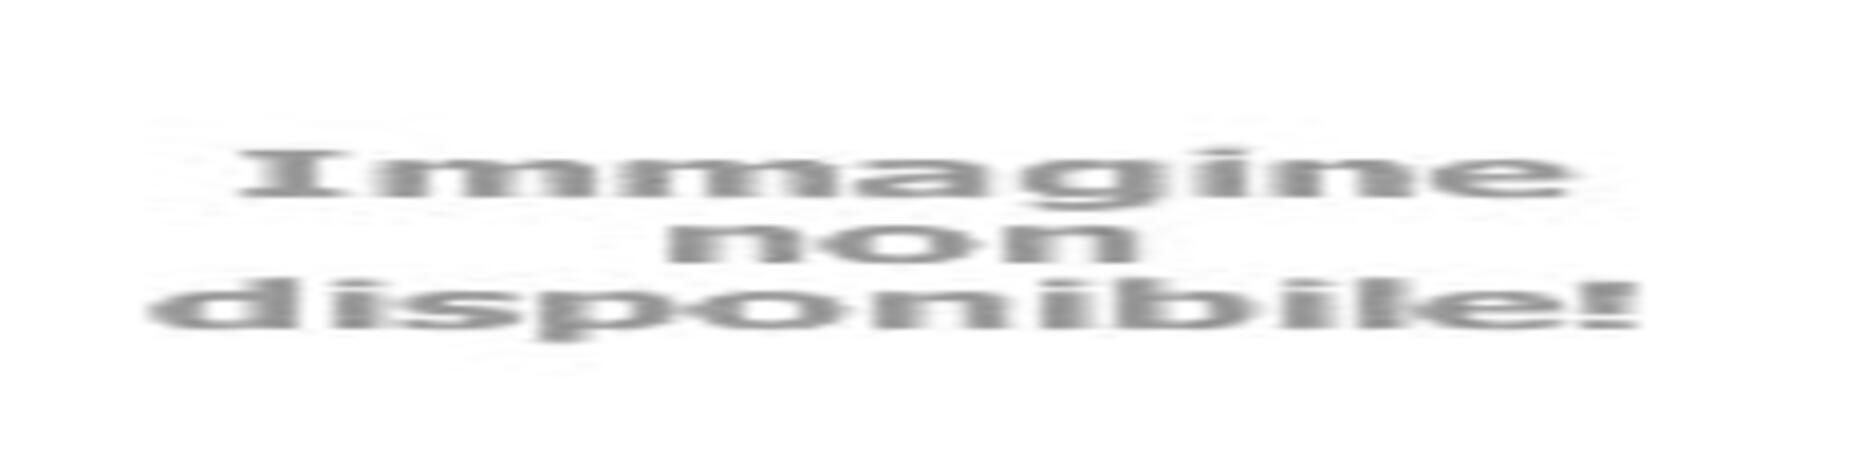 Offerta concerto Eros Ramazzotti soggiorno in Boutique Hotel con spa a Rimini